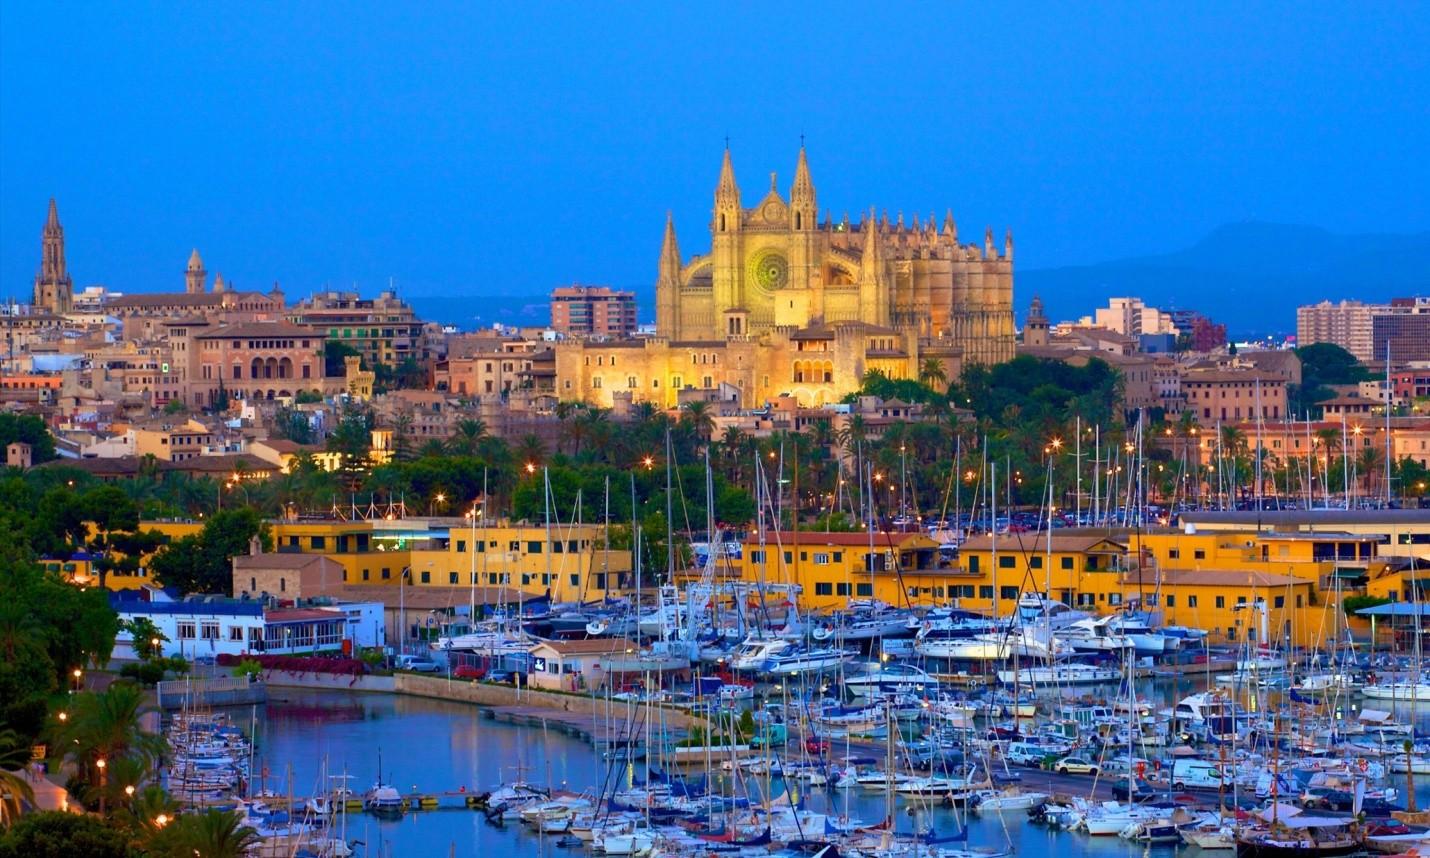 Wrażenia z Majorki, Hiszpania oczami Rosario | Erasmusowe doświadczenia  Palma de Mallorca